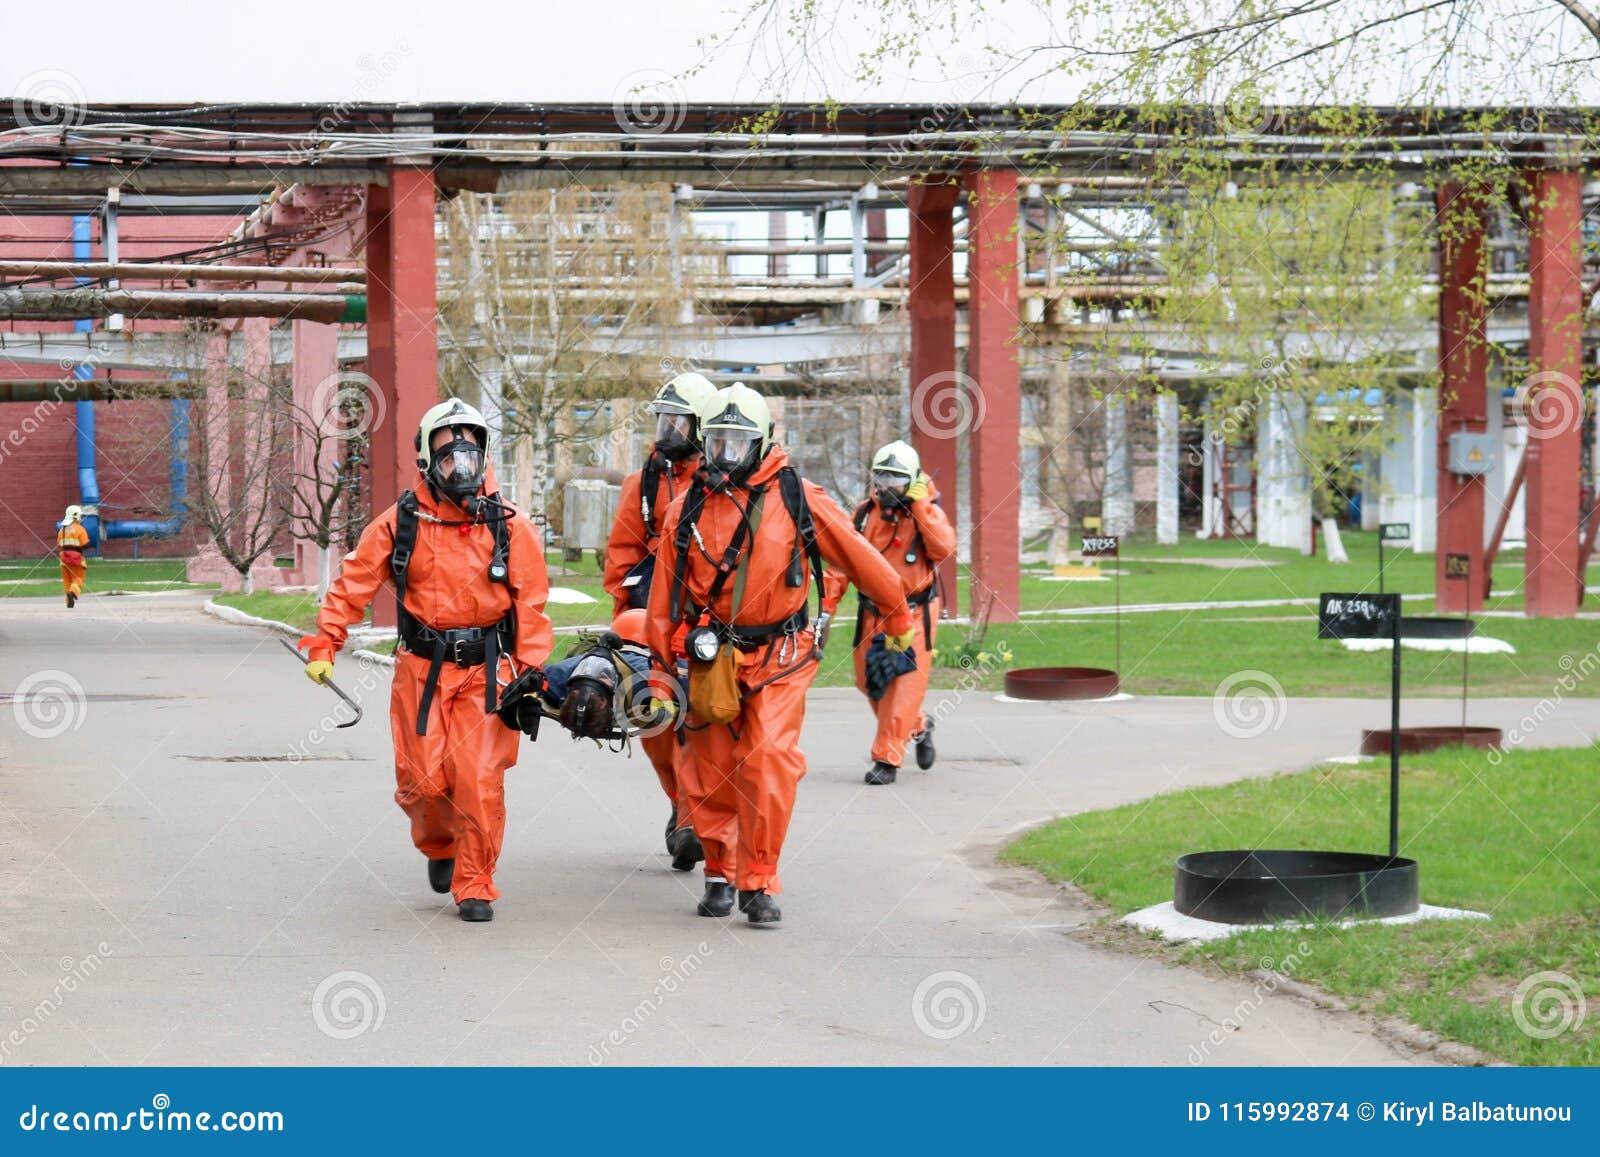 Los salvadores profesionales de los bomberos en trajes resistentes al fuego protectores anaranjados, cascos blancos y caretas ant